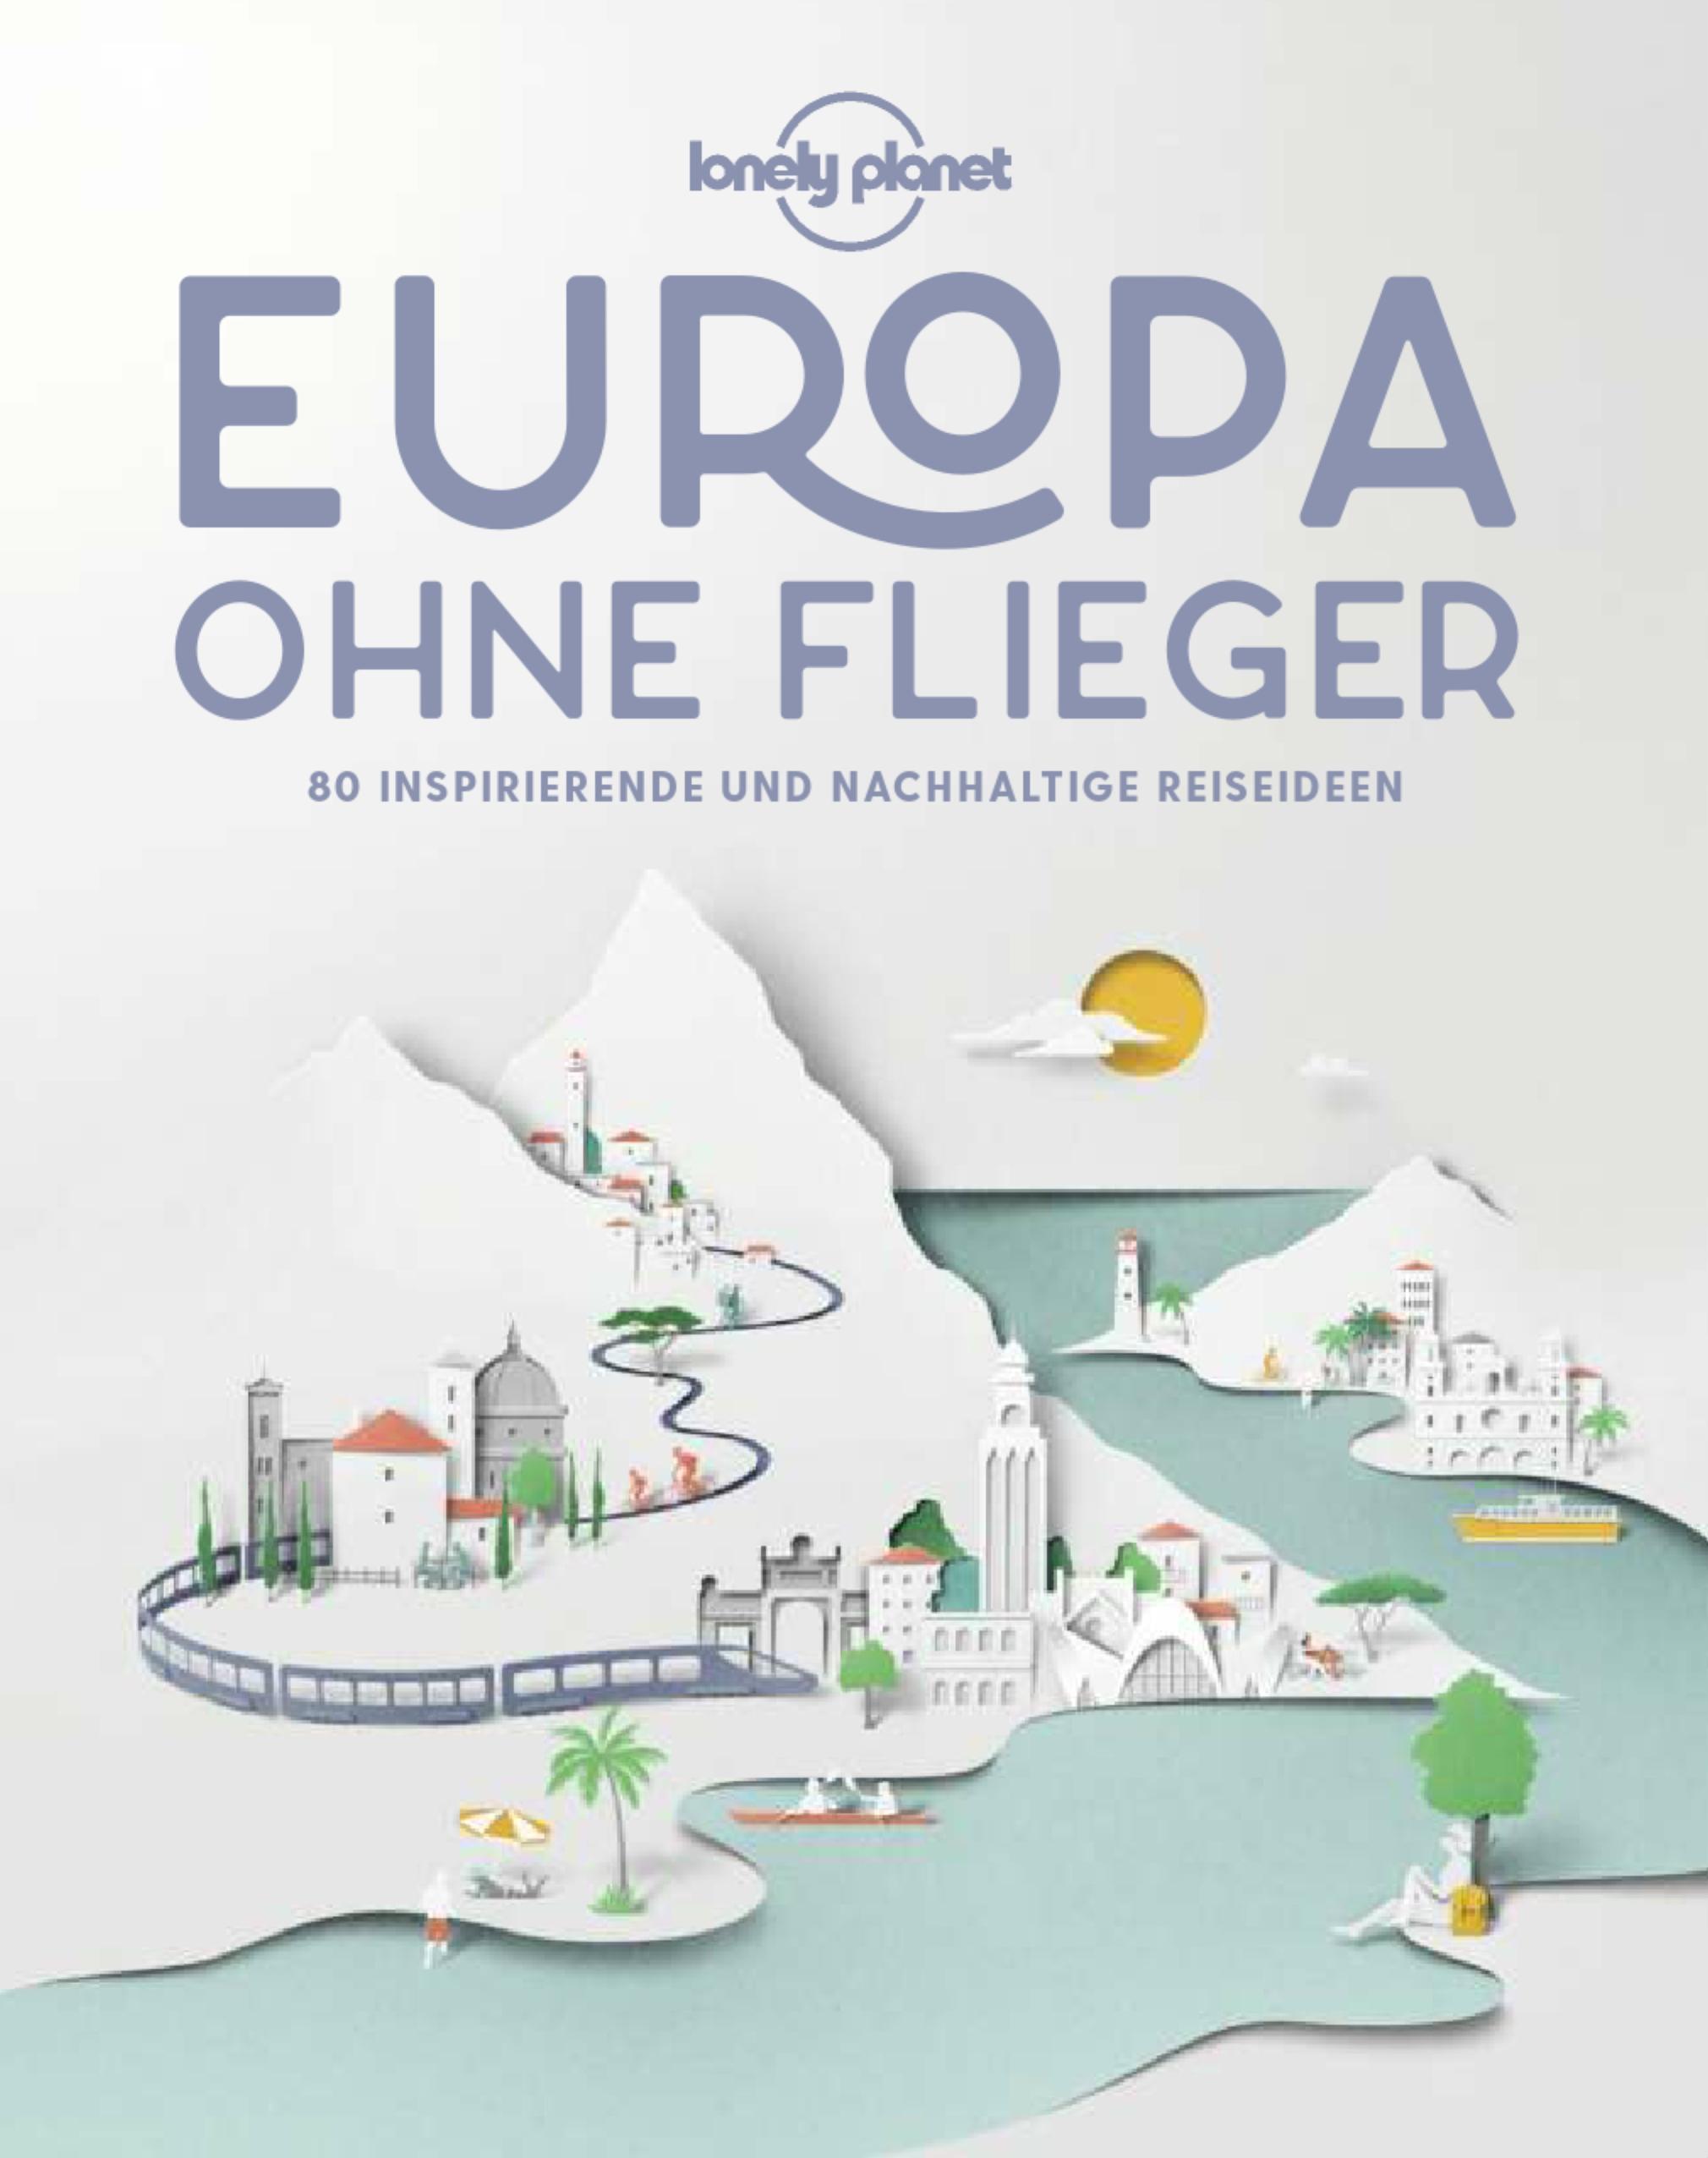 Rezension / Buchbesprechung Europa ohne Flieger aus dem Lonely Planet Verlag, 80 inspirierende und umweltfreundliche Reiseideen